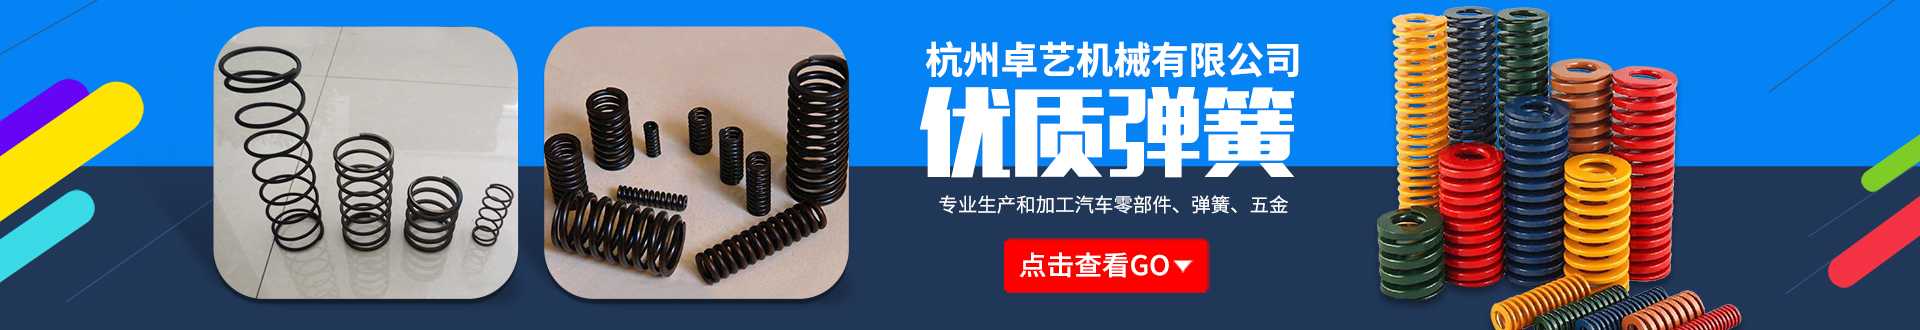 杭州卓藝機械有限公司